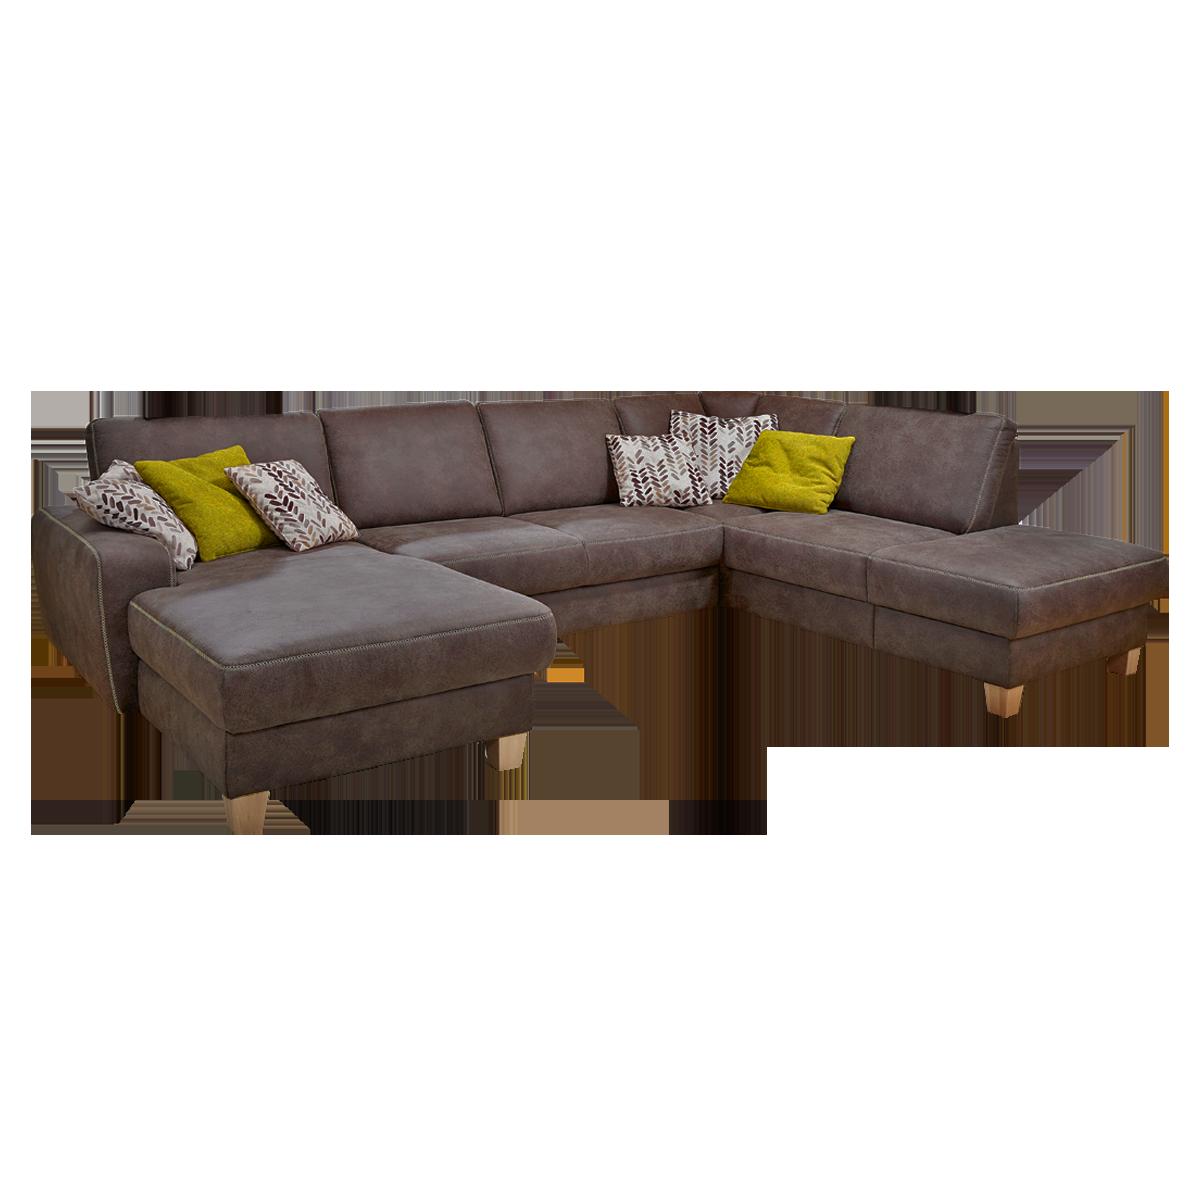 Swell Sofa Verona Wohnlandschaft Mit Ottomane Rechts Bezugsfarbe Braun Machost Co Dining Chair Design Ideas Machostcouk